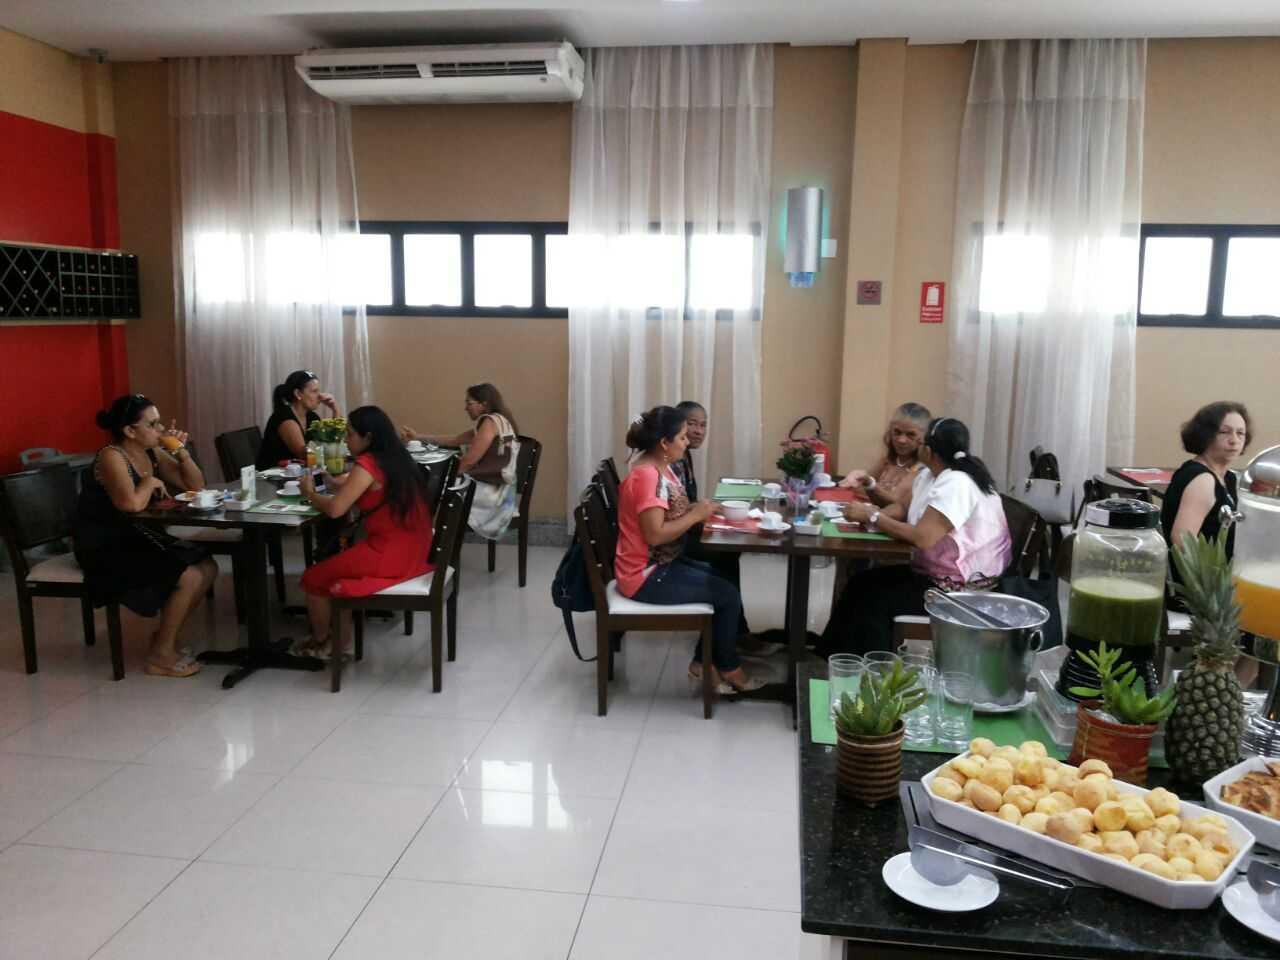 Chá da tarde oferrecido pela Natura em homenagem a consultoras por tempo de atividade em Manaus